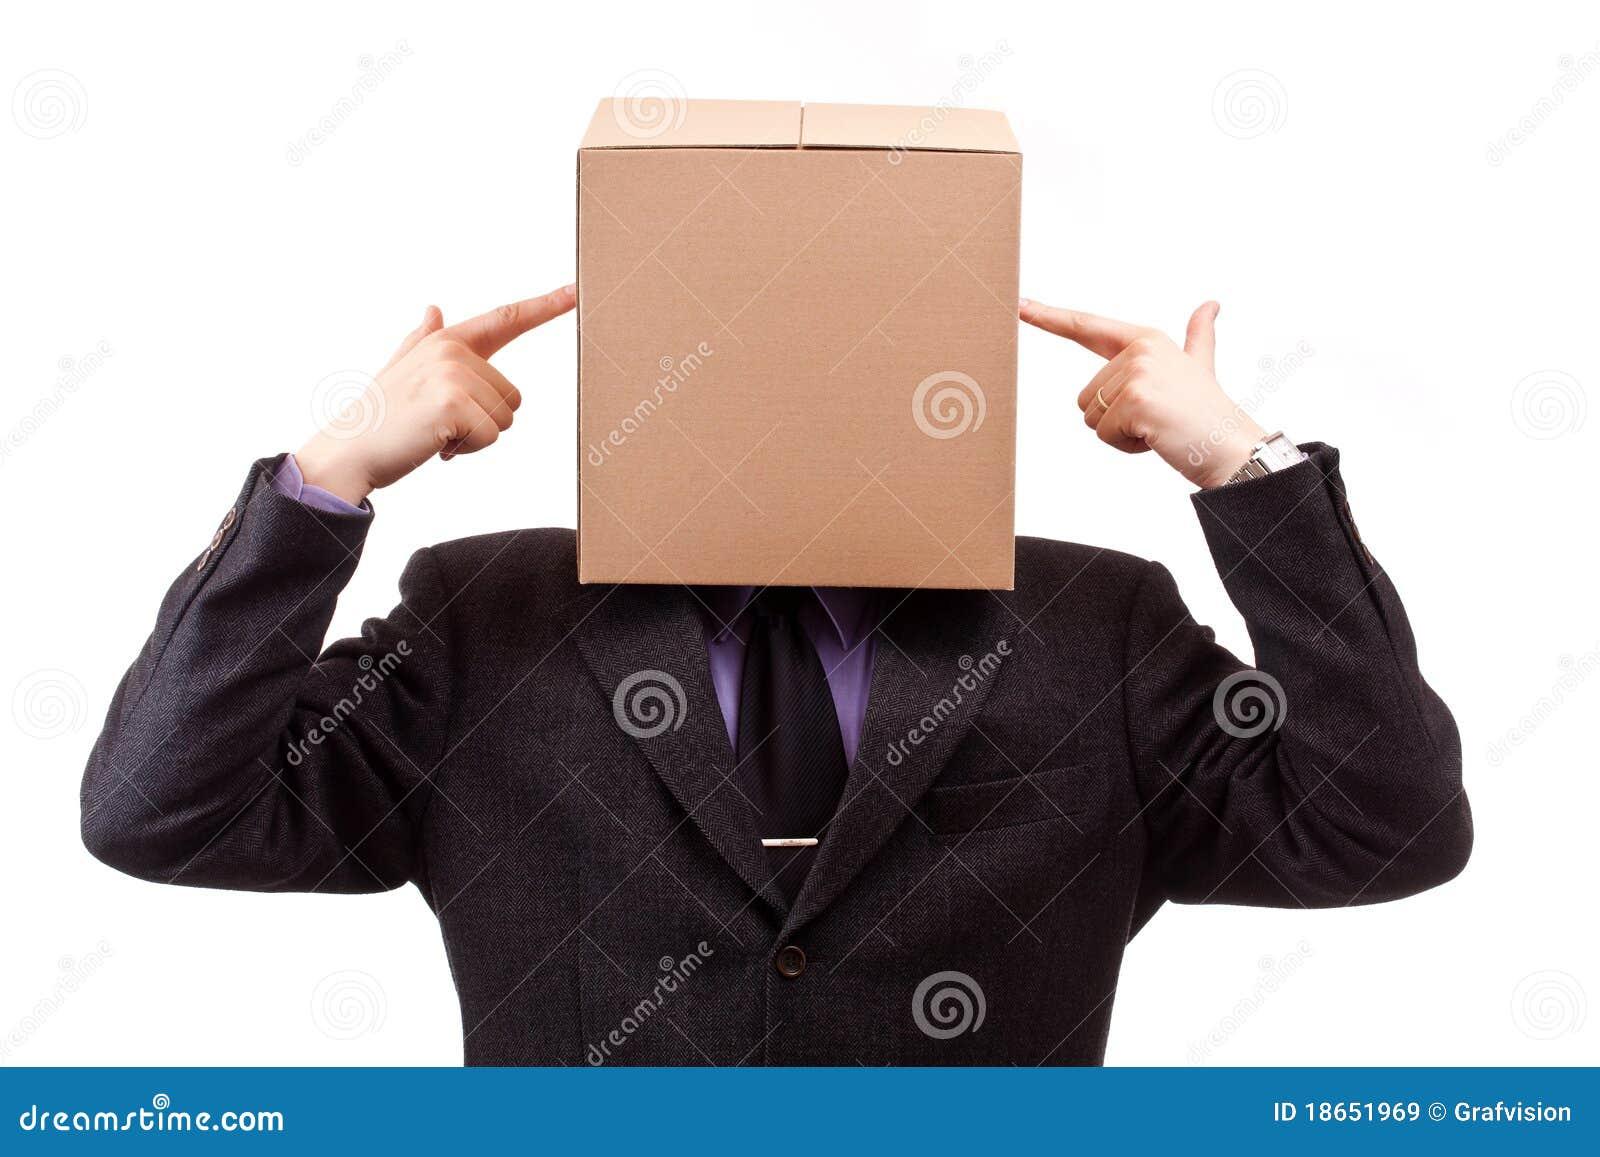 Box Heas